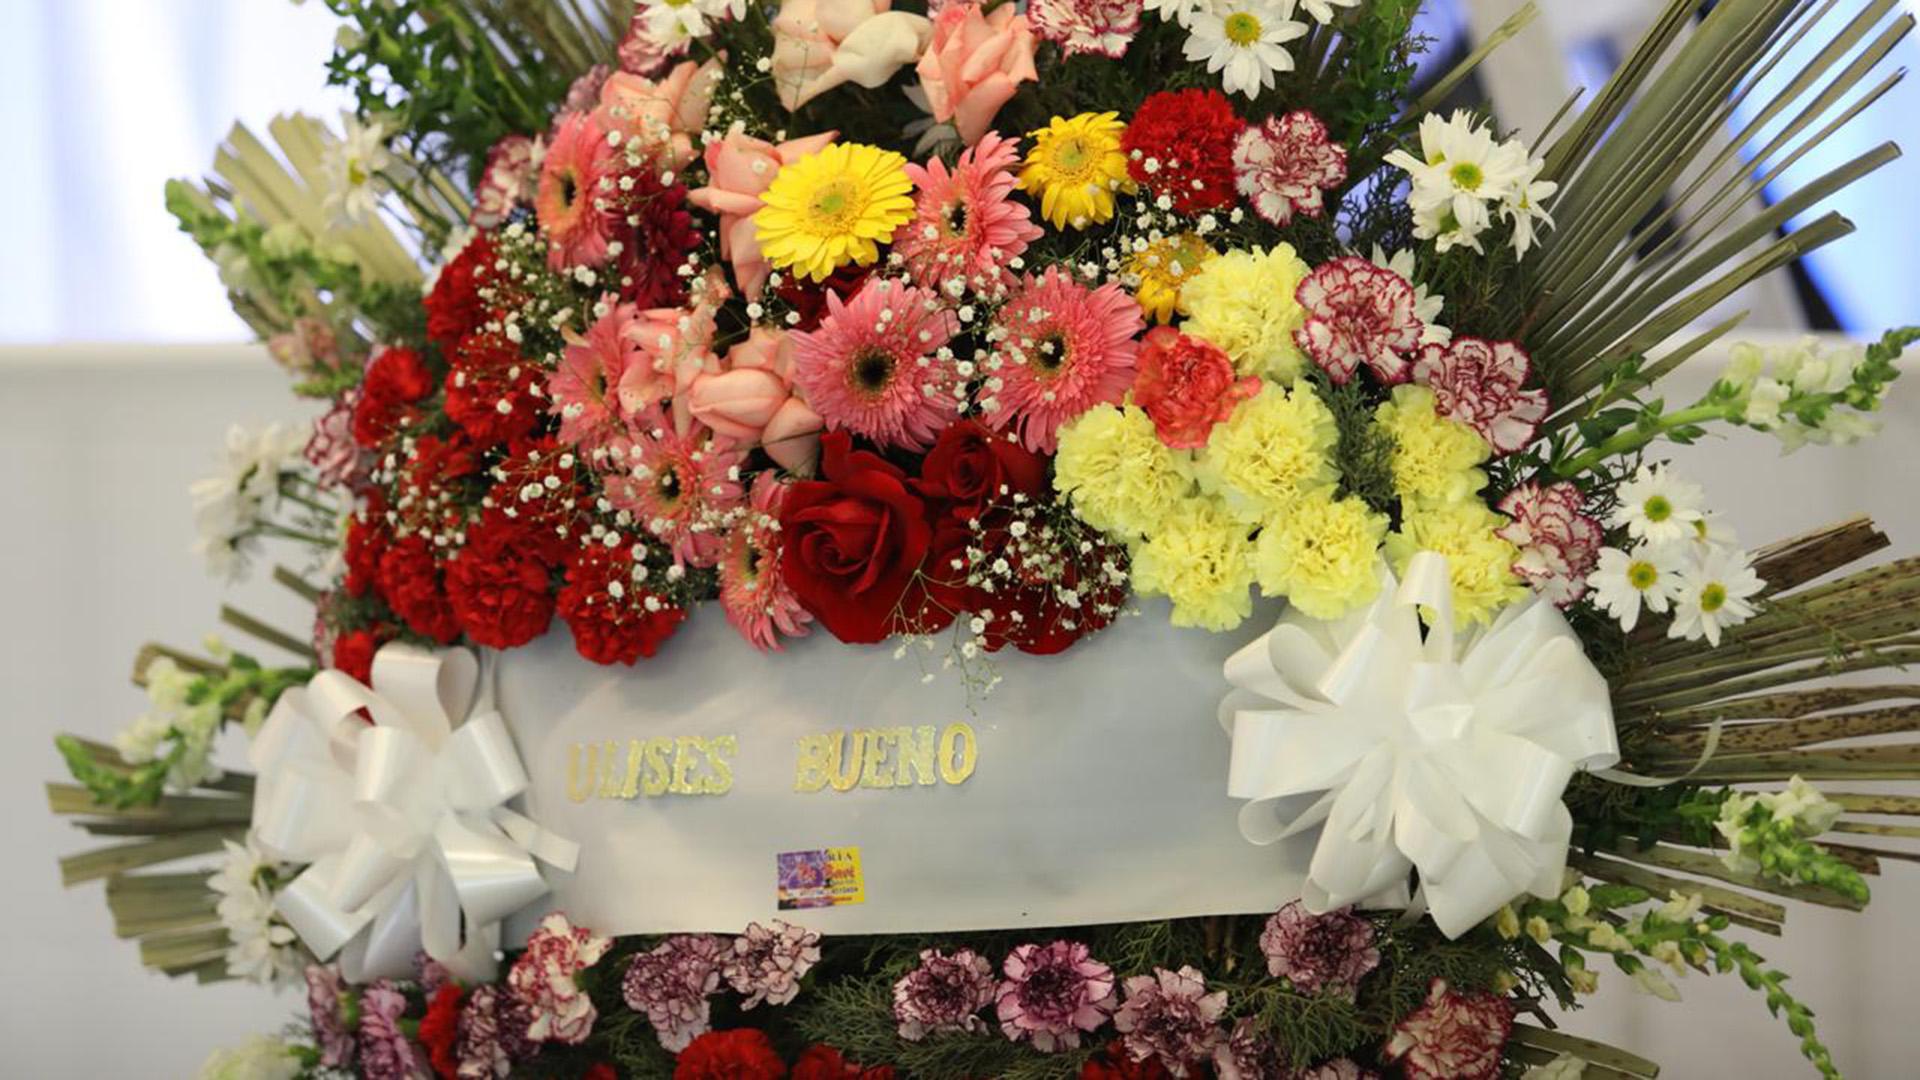 Candidato presidencial, tres veces gobernador y dirigente insoslayable del peronismo nacional y cordobés, De la Sota fue parte de la Renovación Peronista en los '80. El cantante de cumbia Ulises Bueno envío una corona de flores.